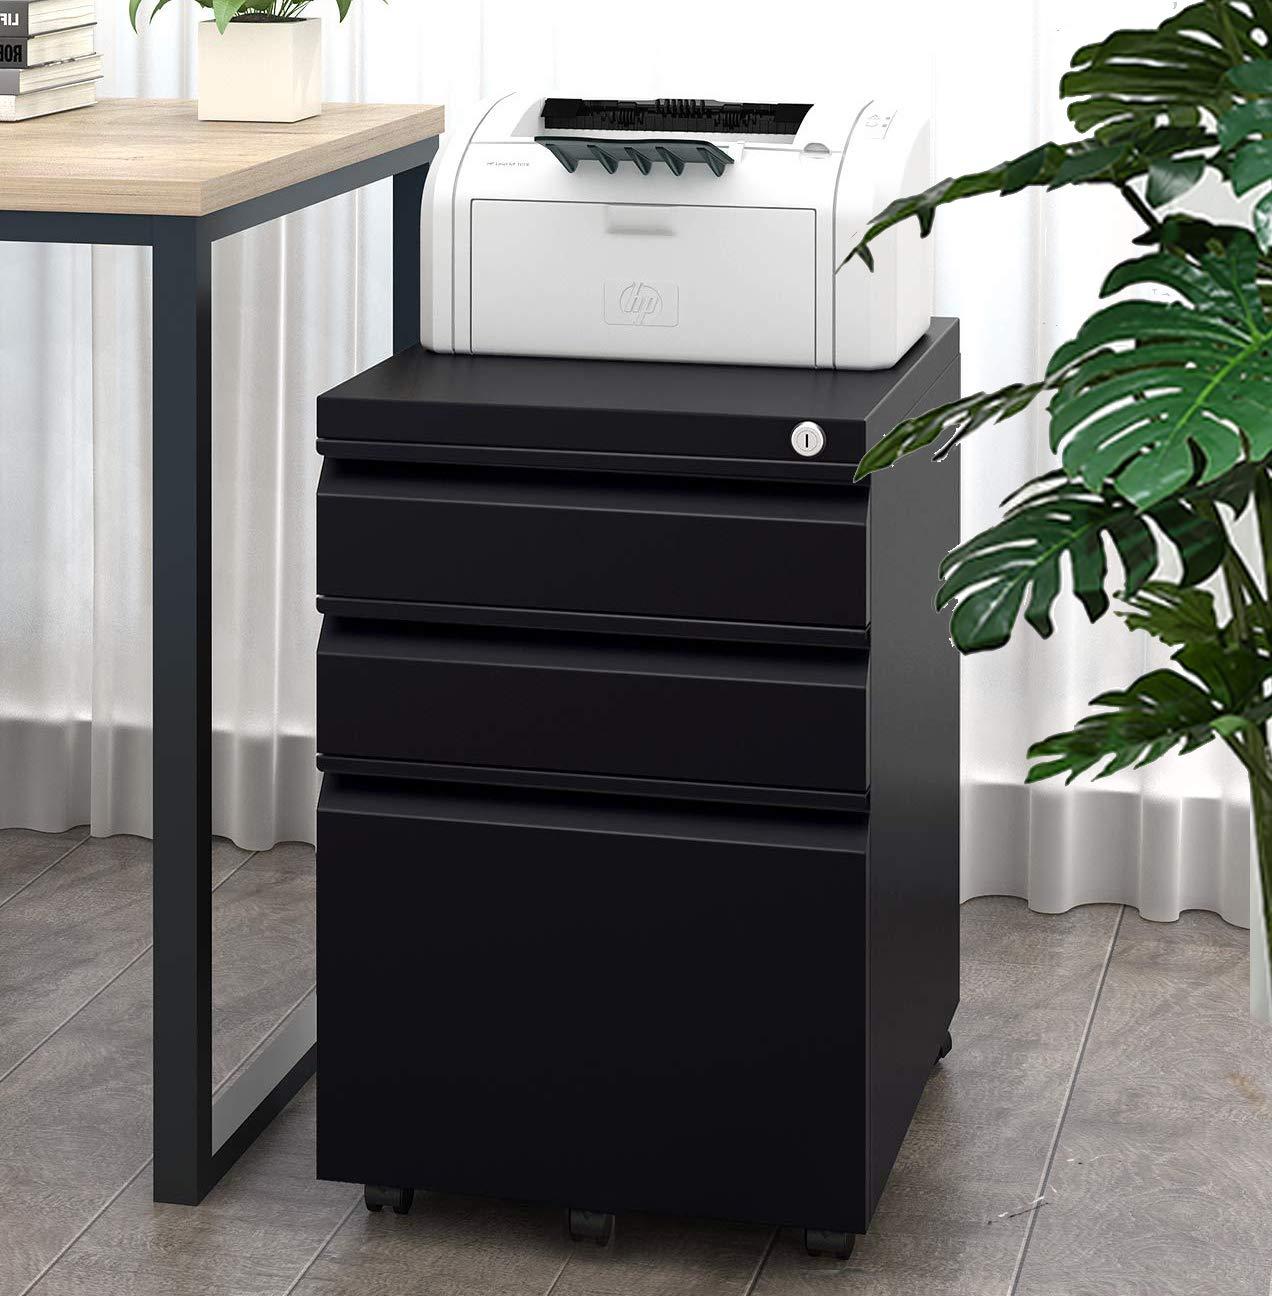 Black File Cabinet Locking 3-Drawer Rolling Under Desk Metal Filing Cabinet Fully Assembled Except Wheels